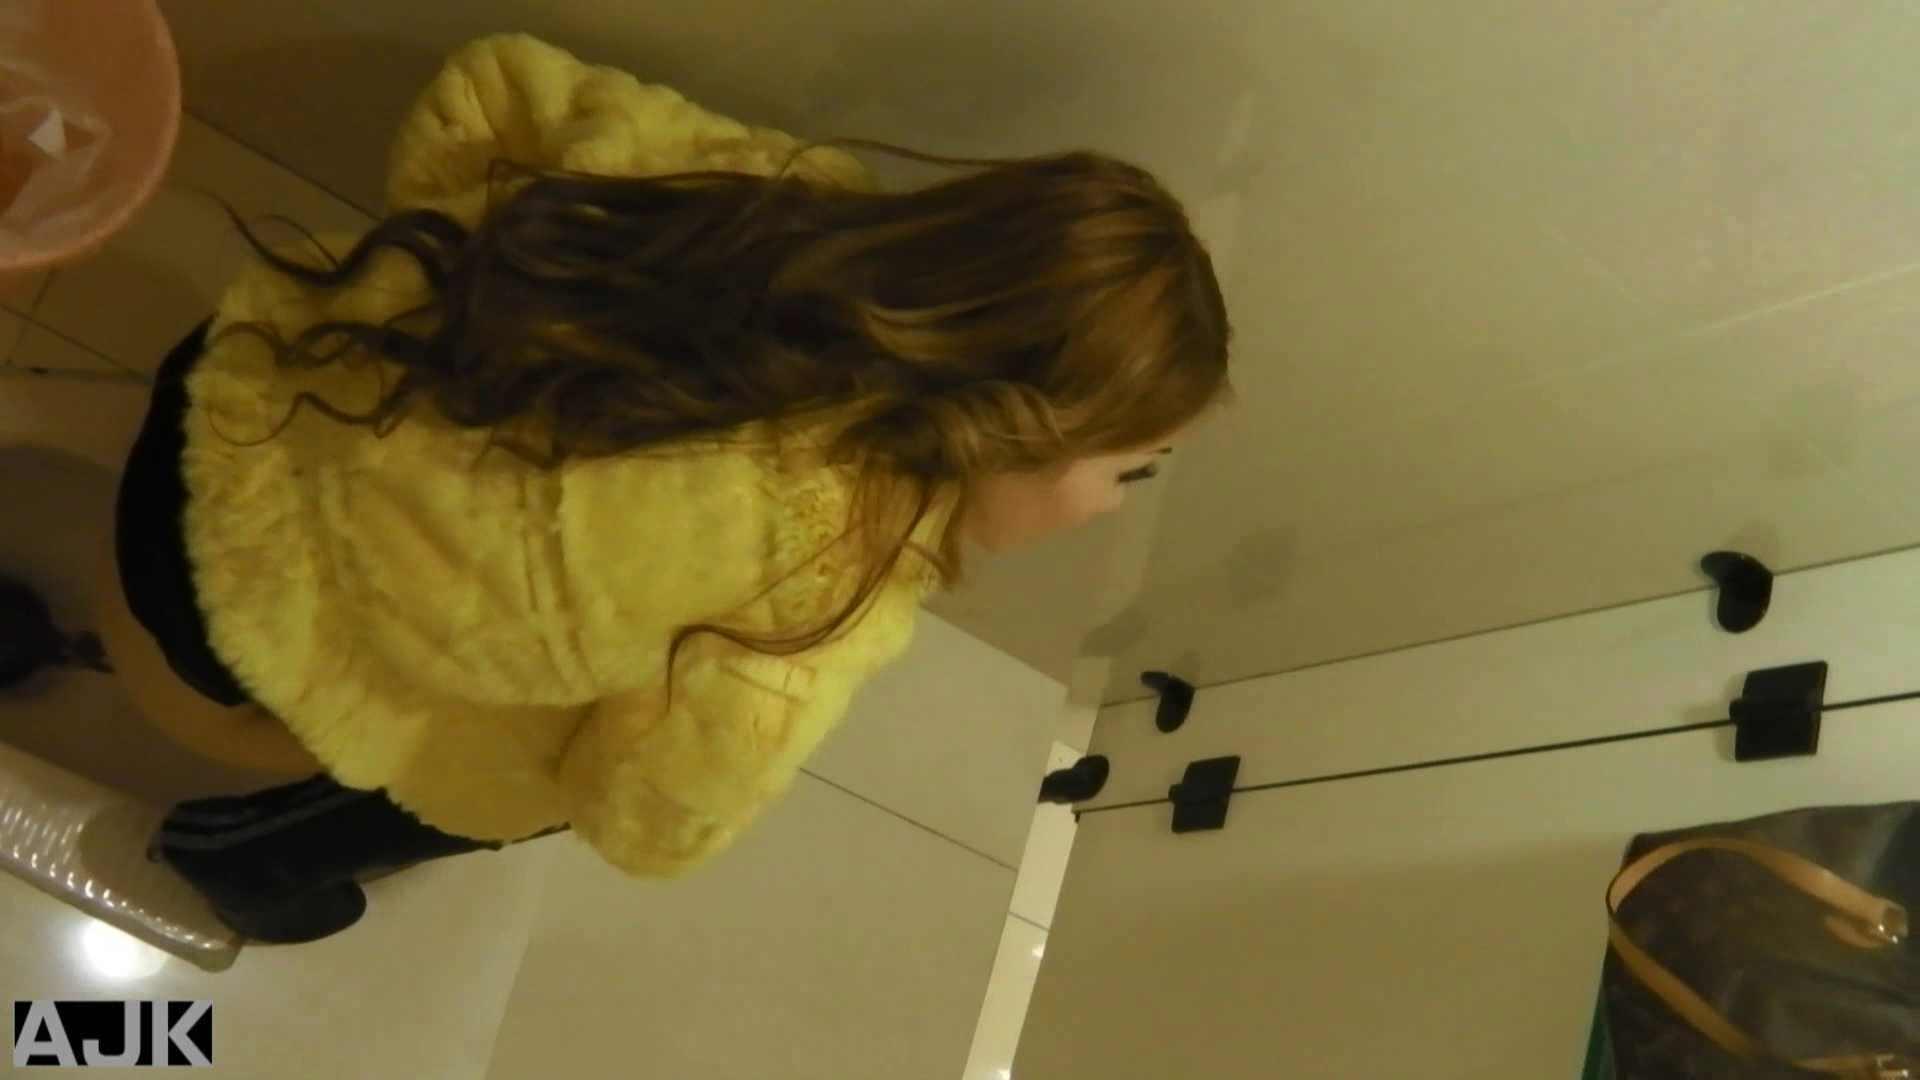 隣国上階級エリアの令嬢たちが集うデパートお手洗い Vol.09 女子トイレ SEX無修正画像 103枚 86